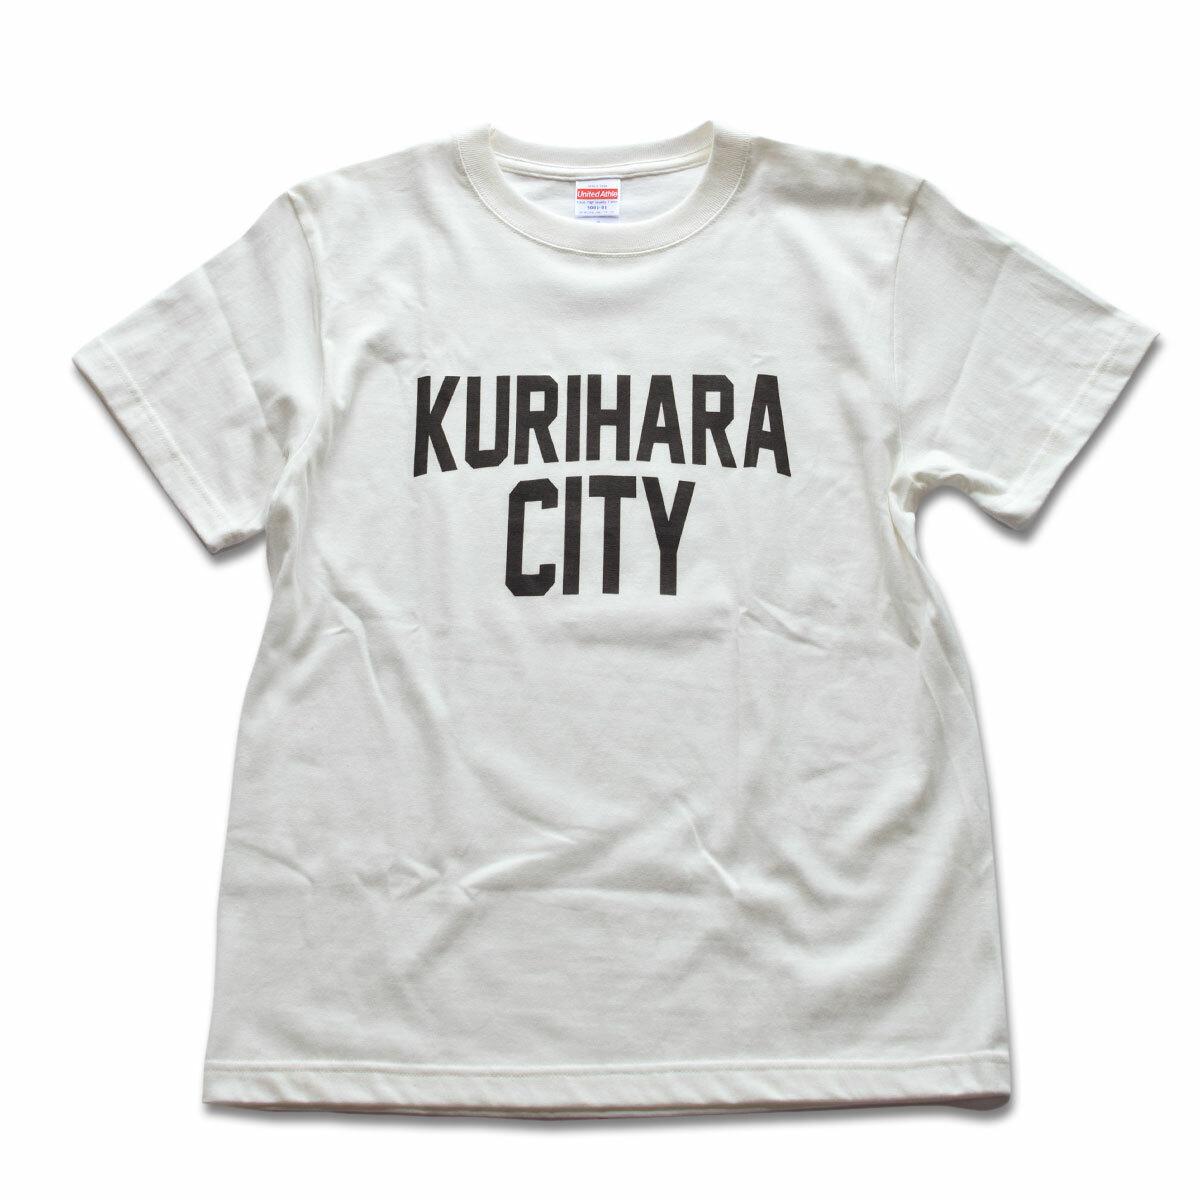 KURIHARA CITY 5.6oz ハイクオリティーTシャツ(バニラホワイト)